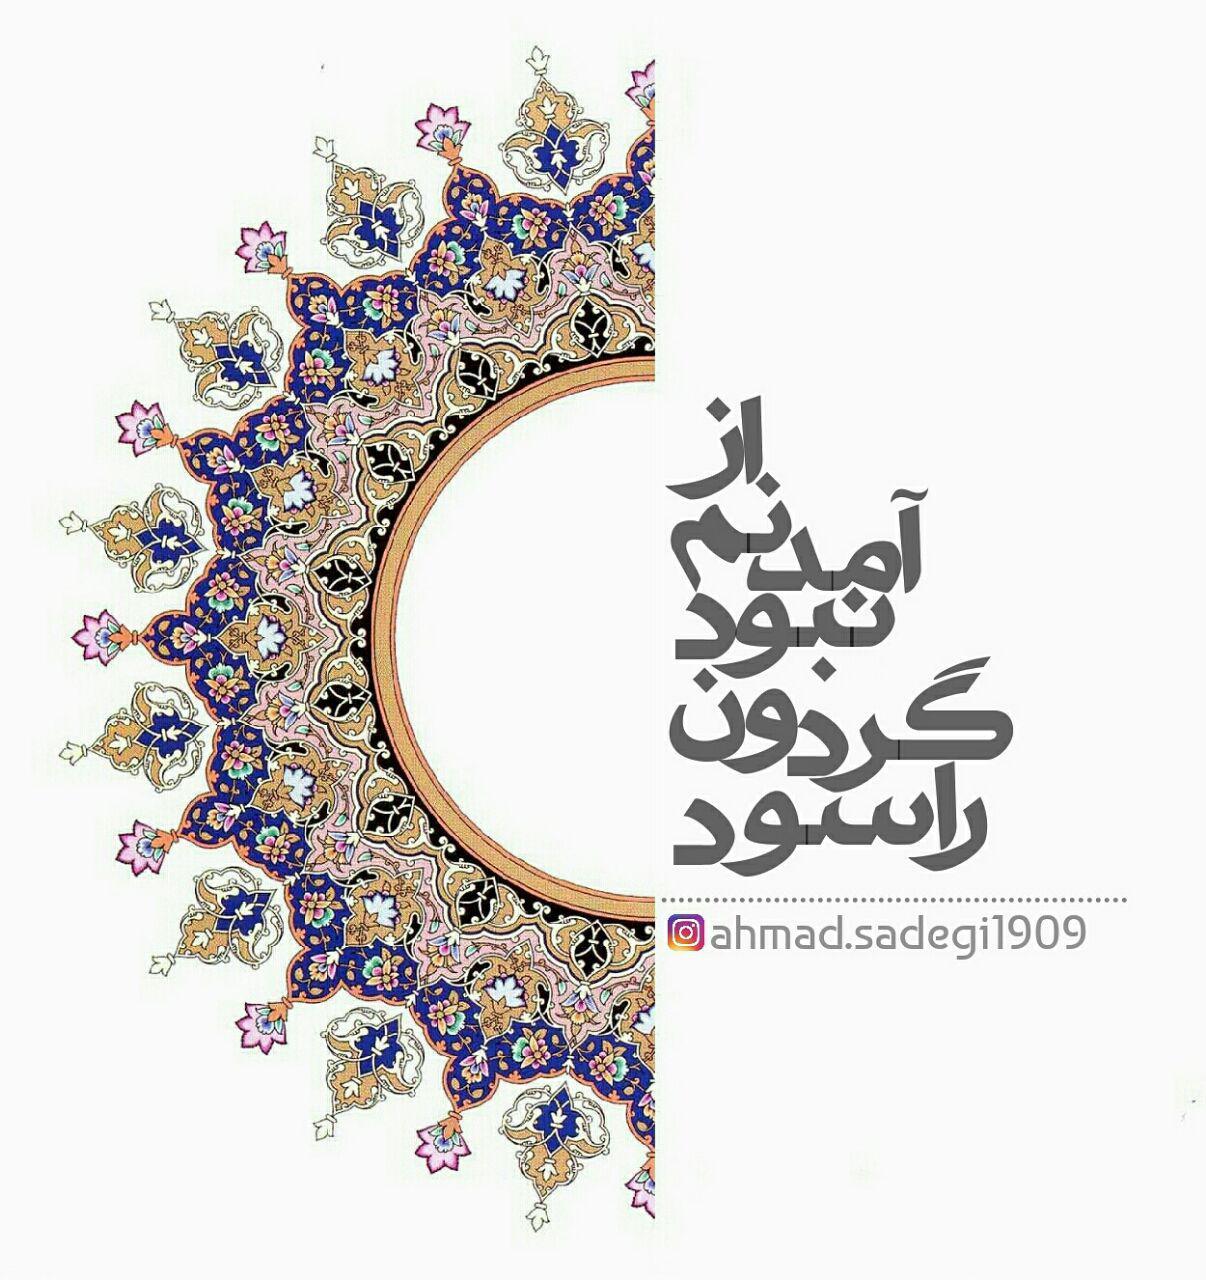 احمد صادقی - از آمدنم نبود گردون را سود